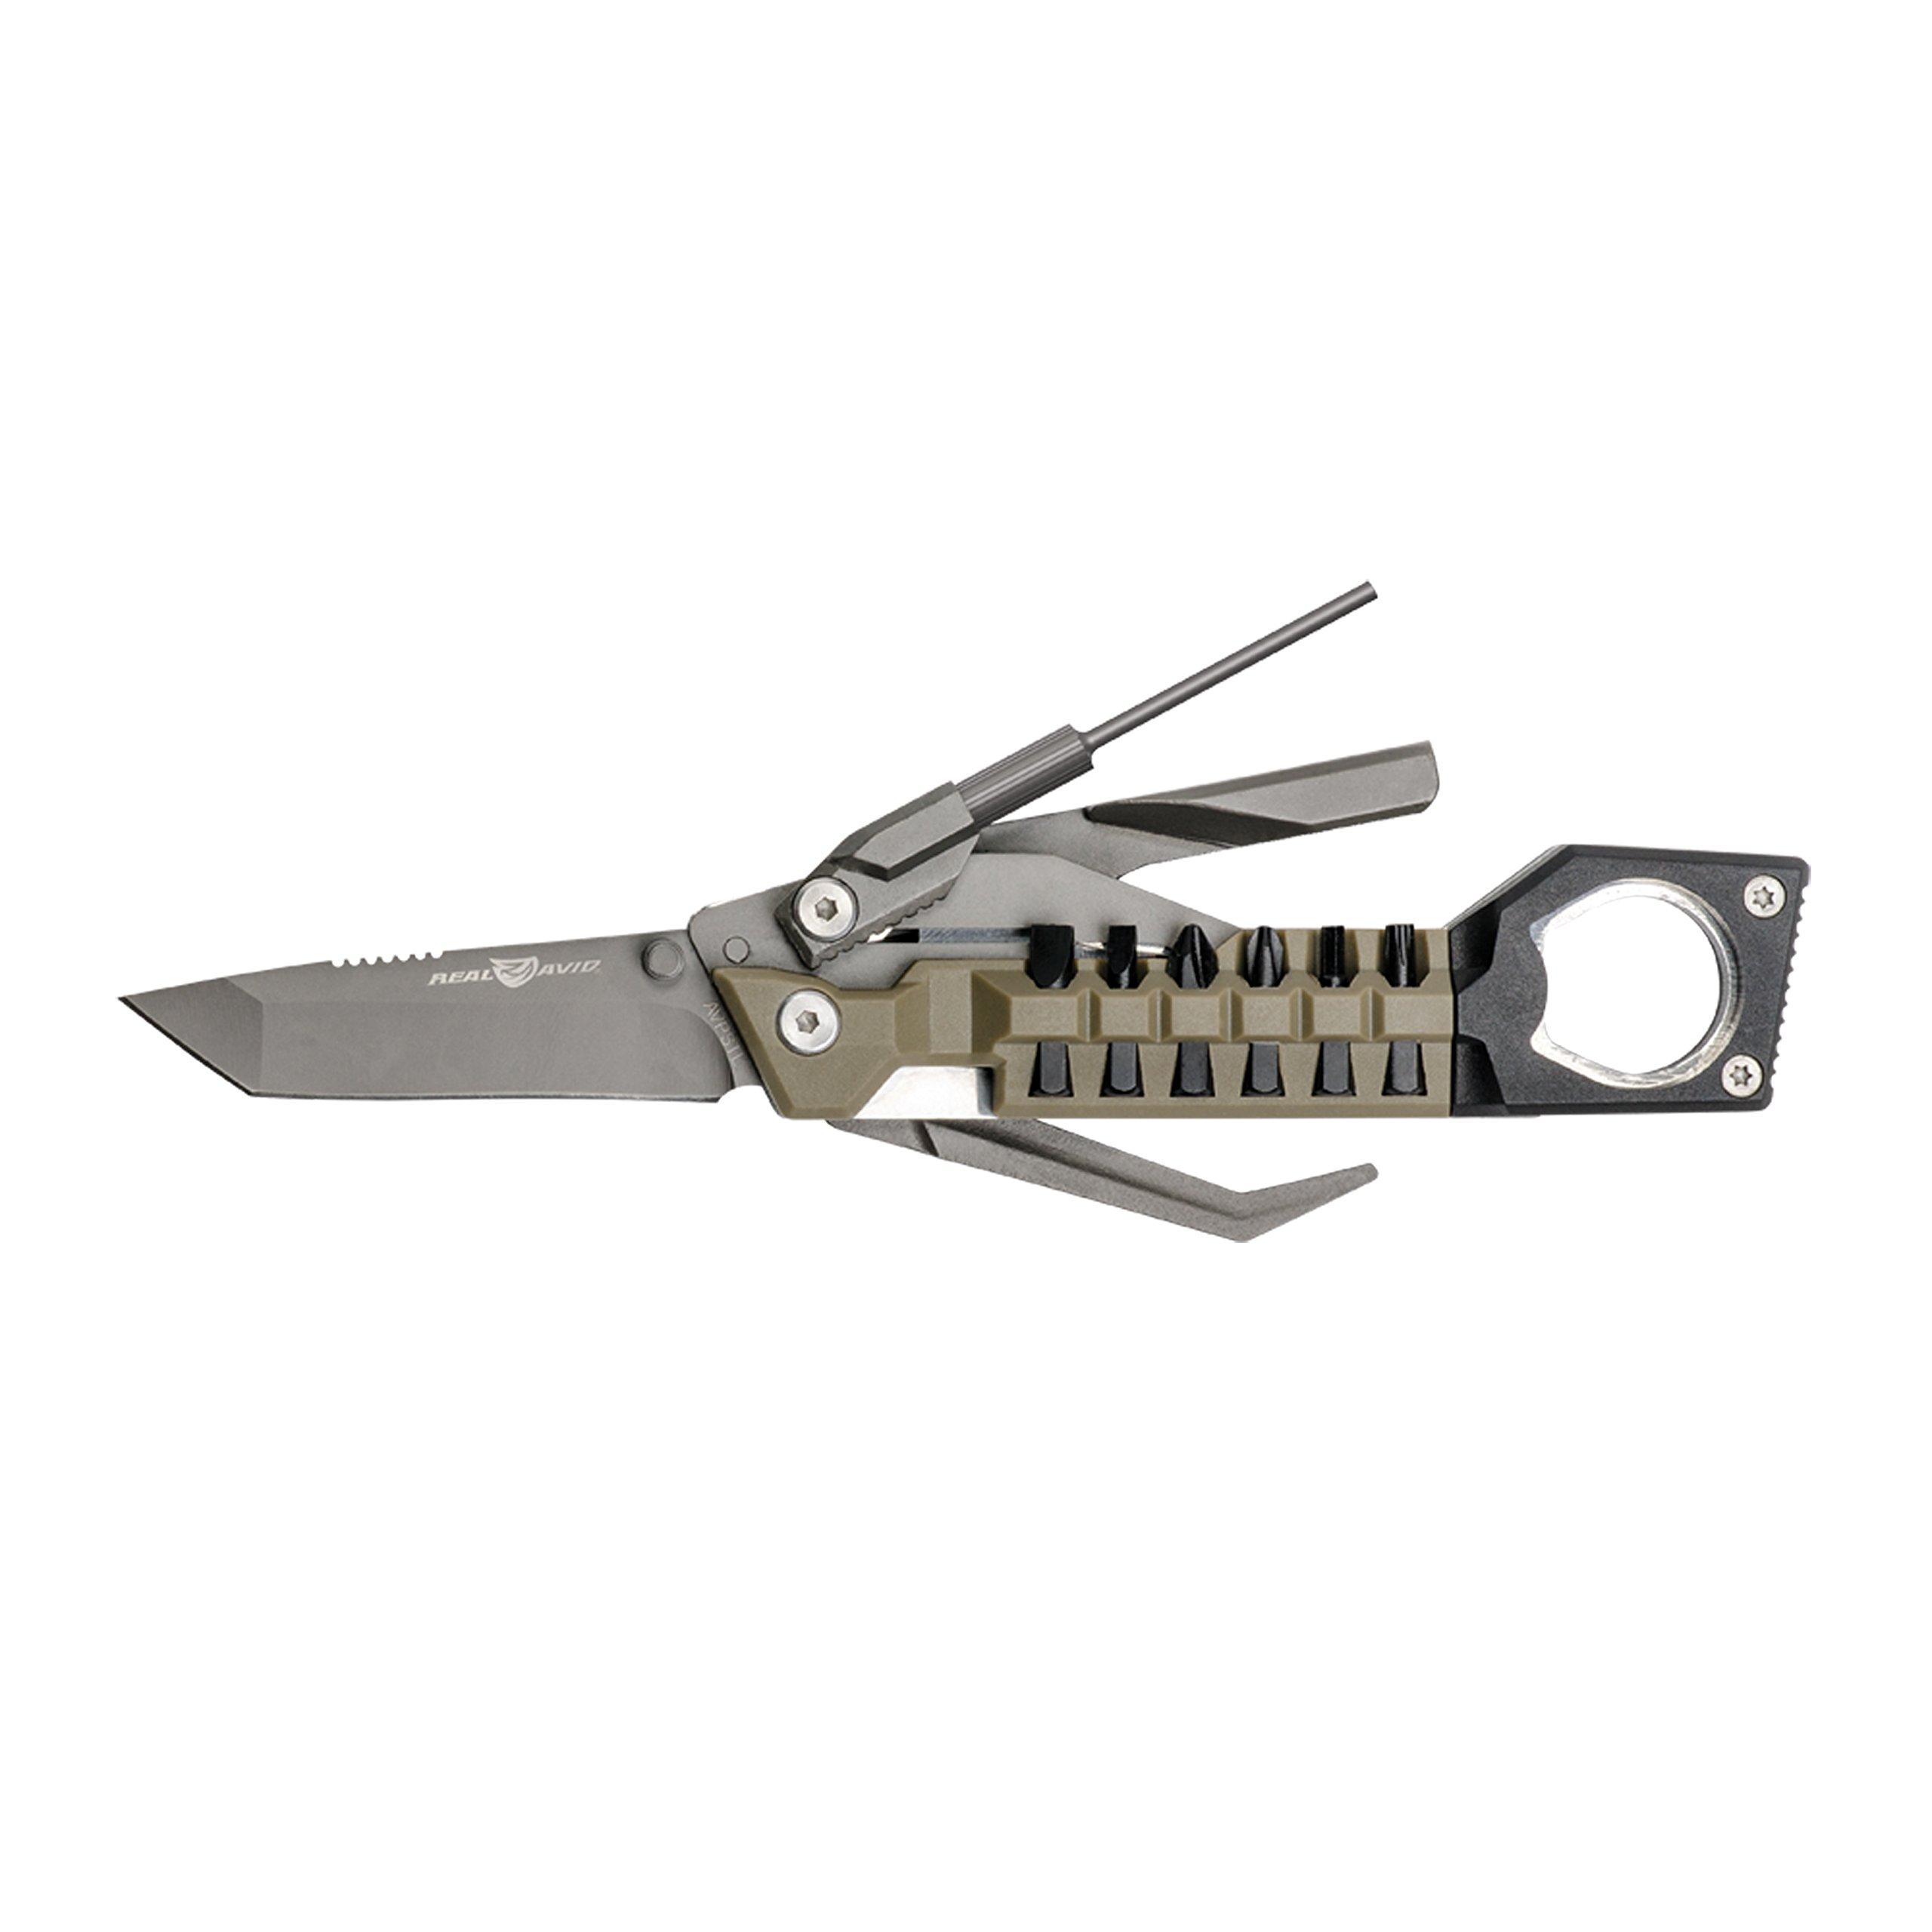 Real Avid The Pistol Tool - 19-in-1 Pistol Multitool